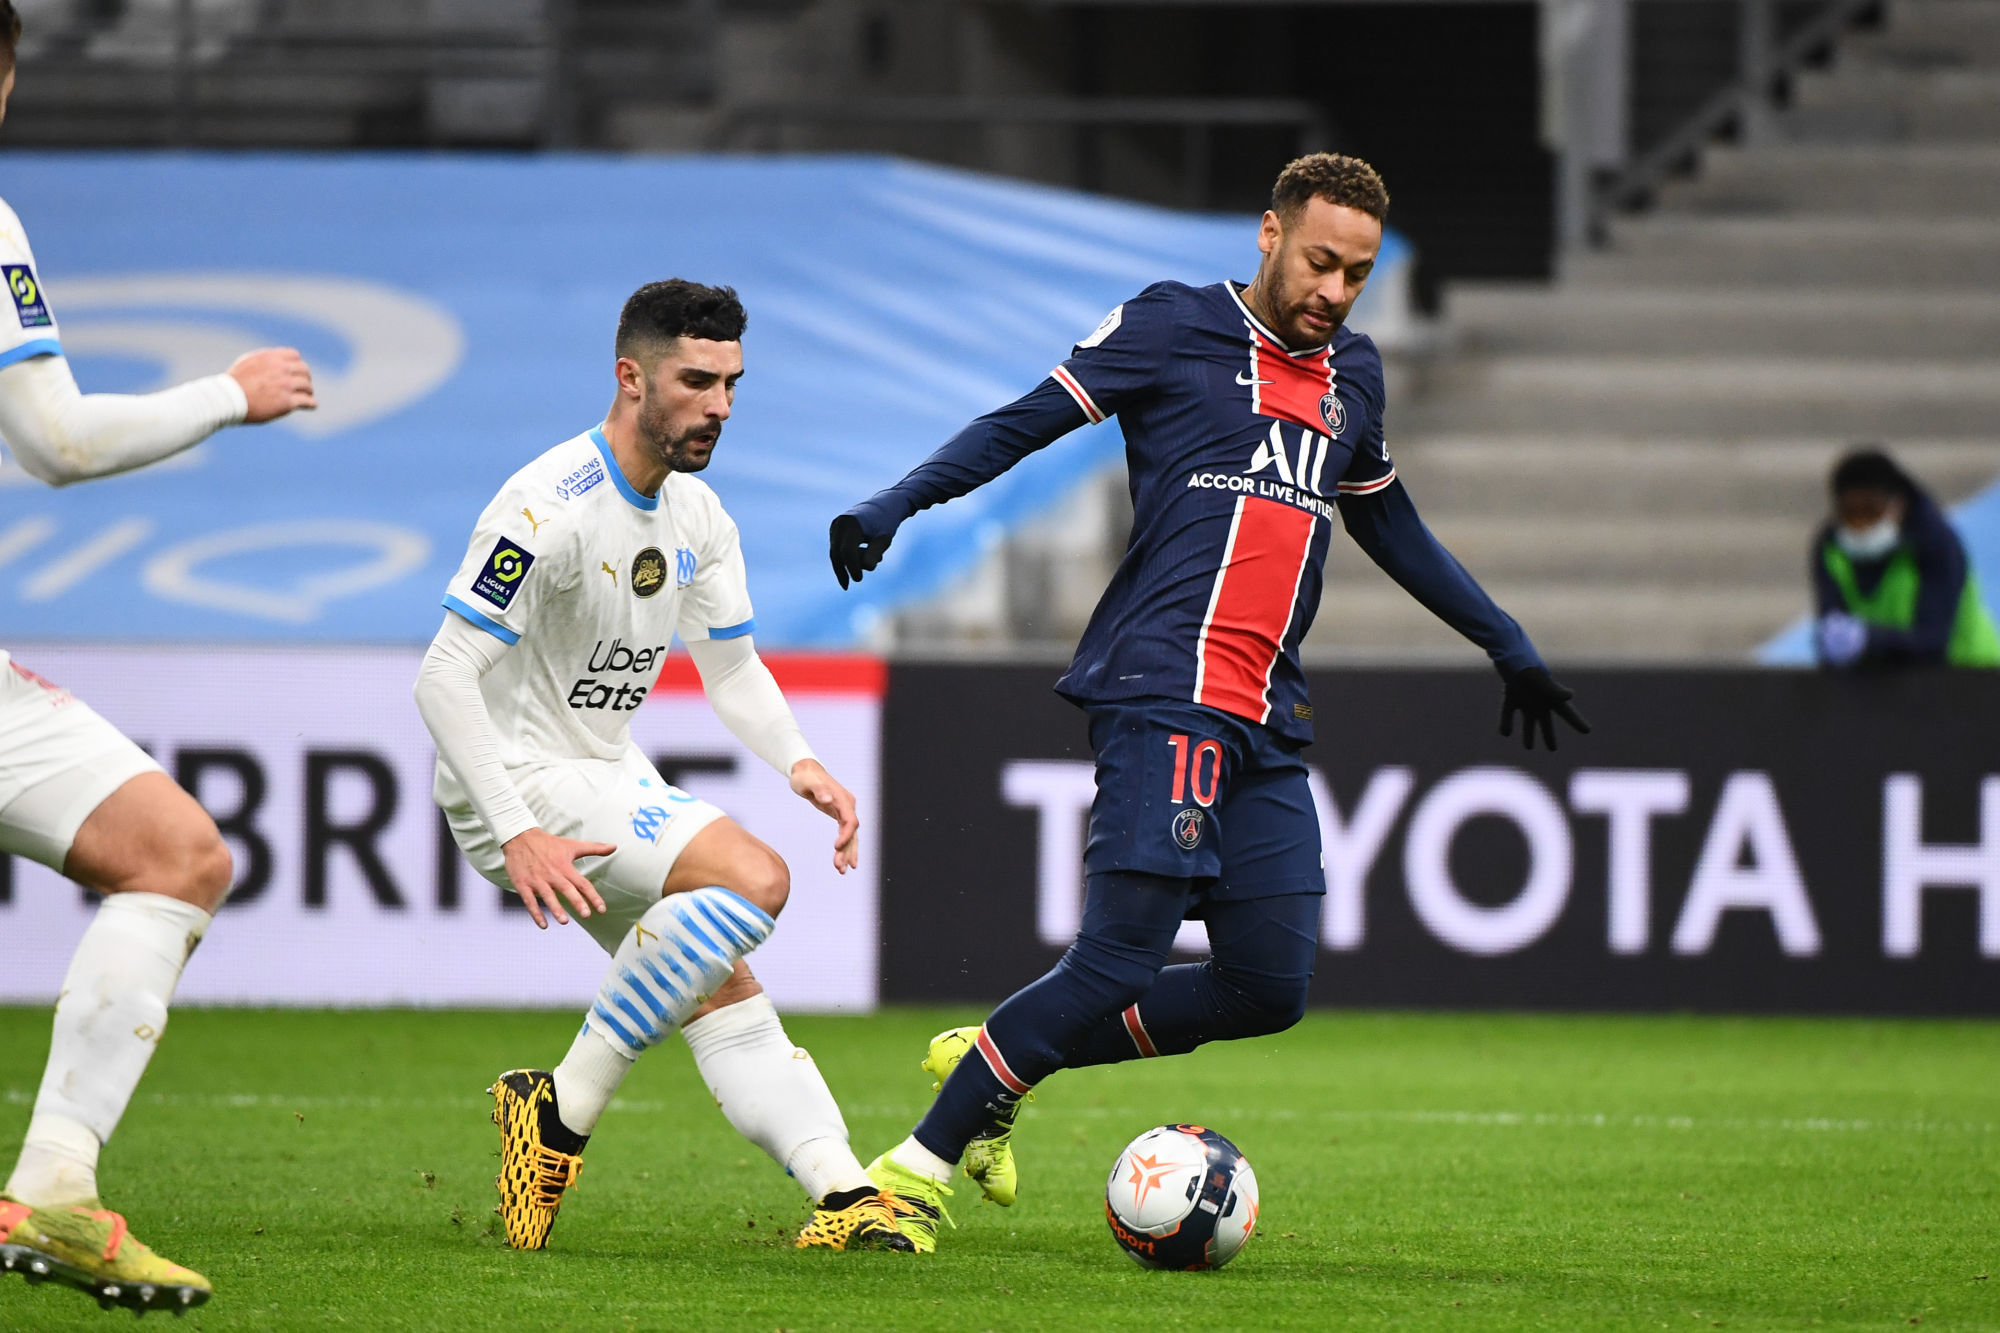 """OM/PSG - Lannoy souligne que les images sont """"claires"""", il n'y avait pas penalty sur Neymar"""